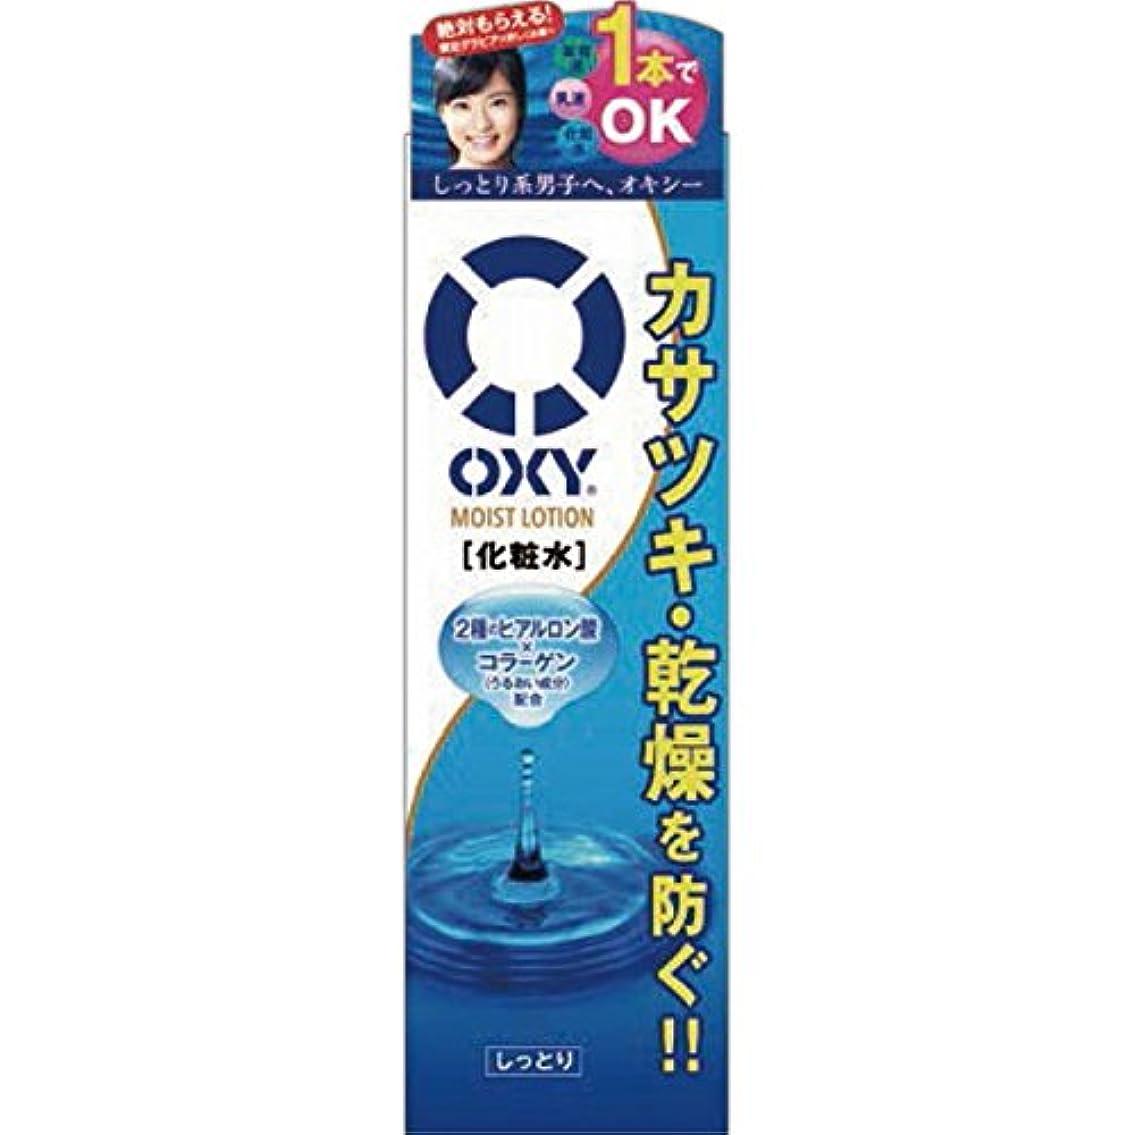 スライム革命粘液オキシー (Oxy) モイストローション オールインワン化粧水 2種のヒアルロン酸×コラーゲン配合 ゼラニウムの香 170mL